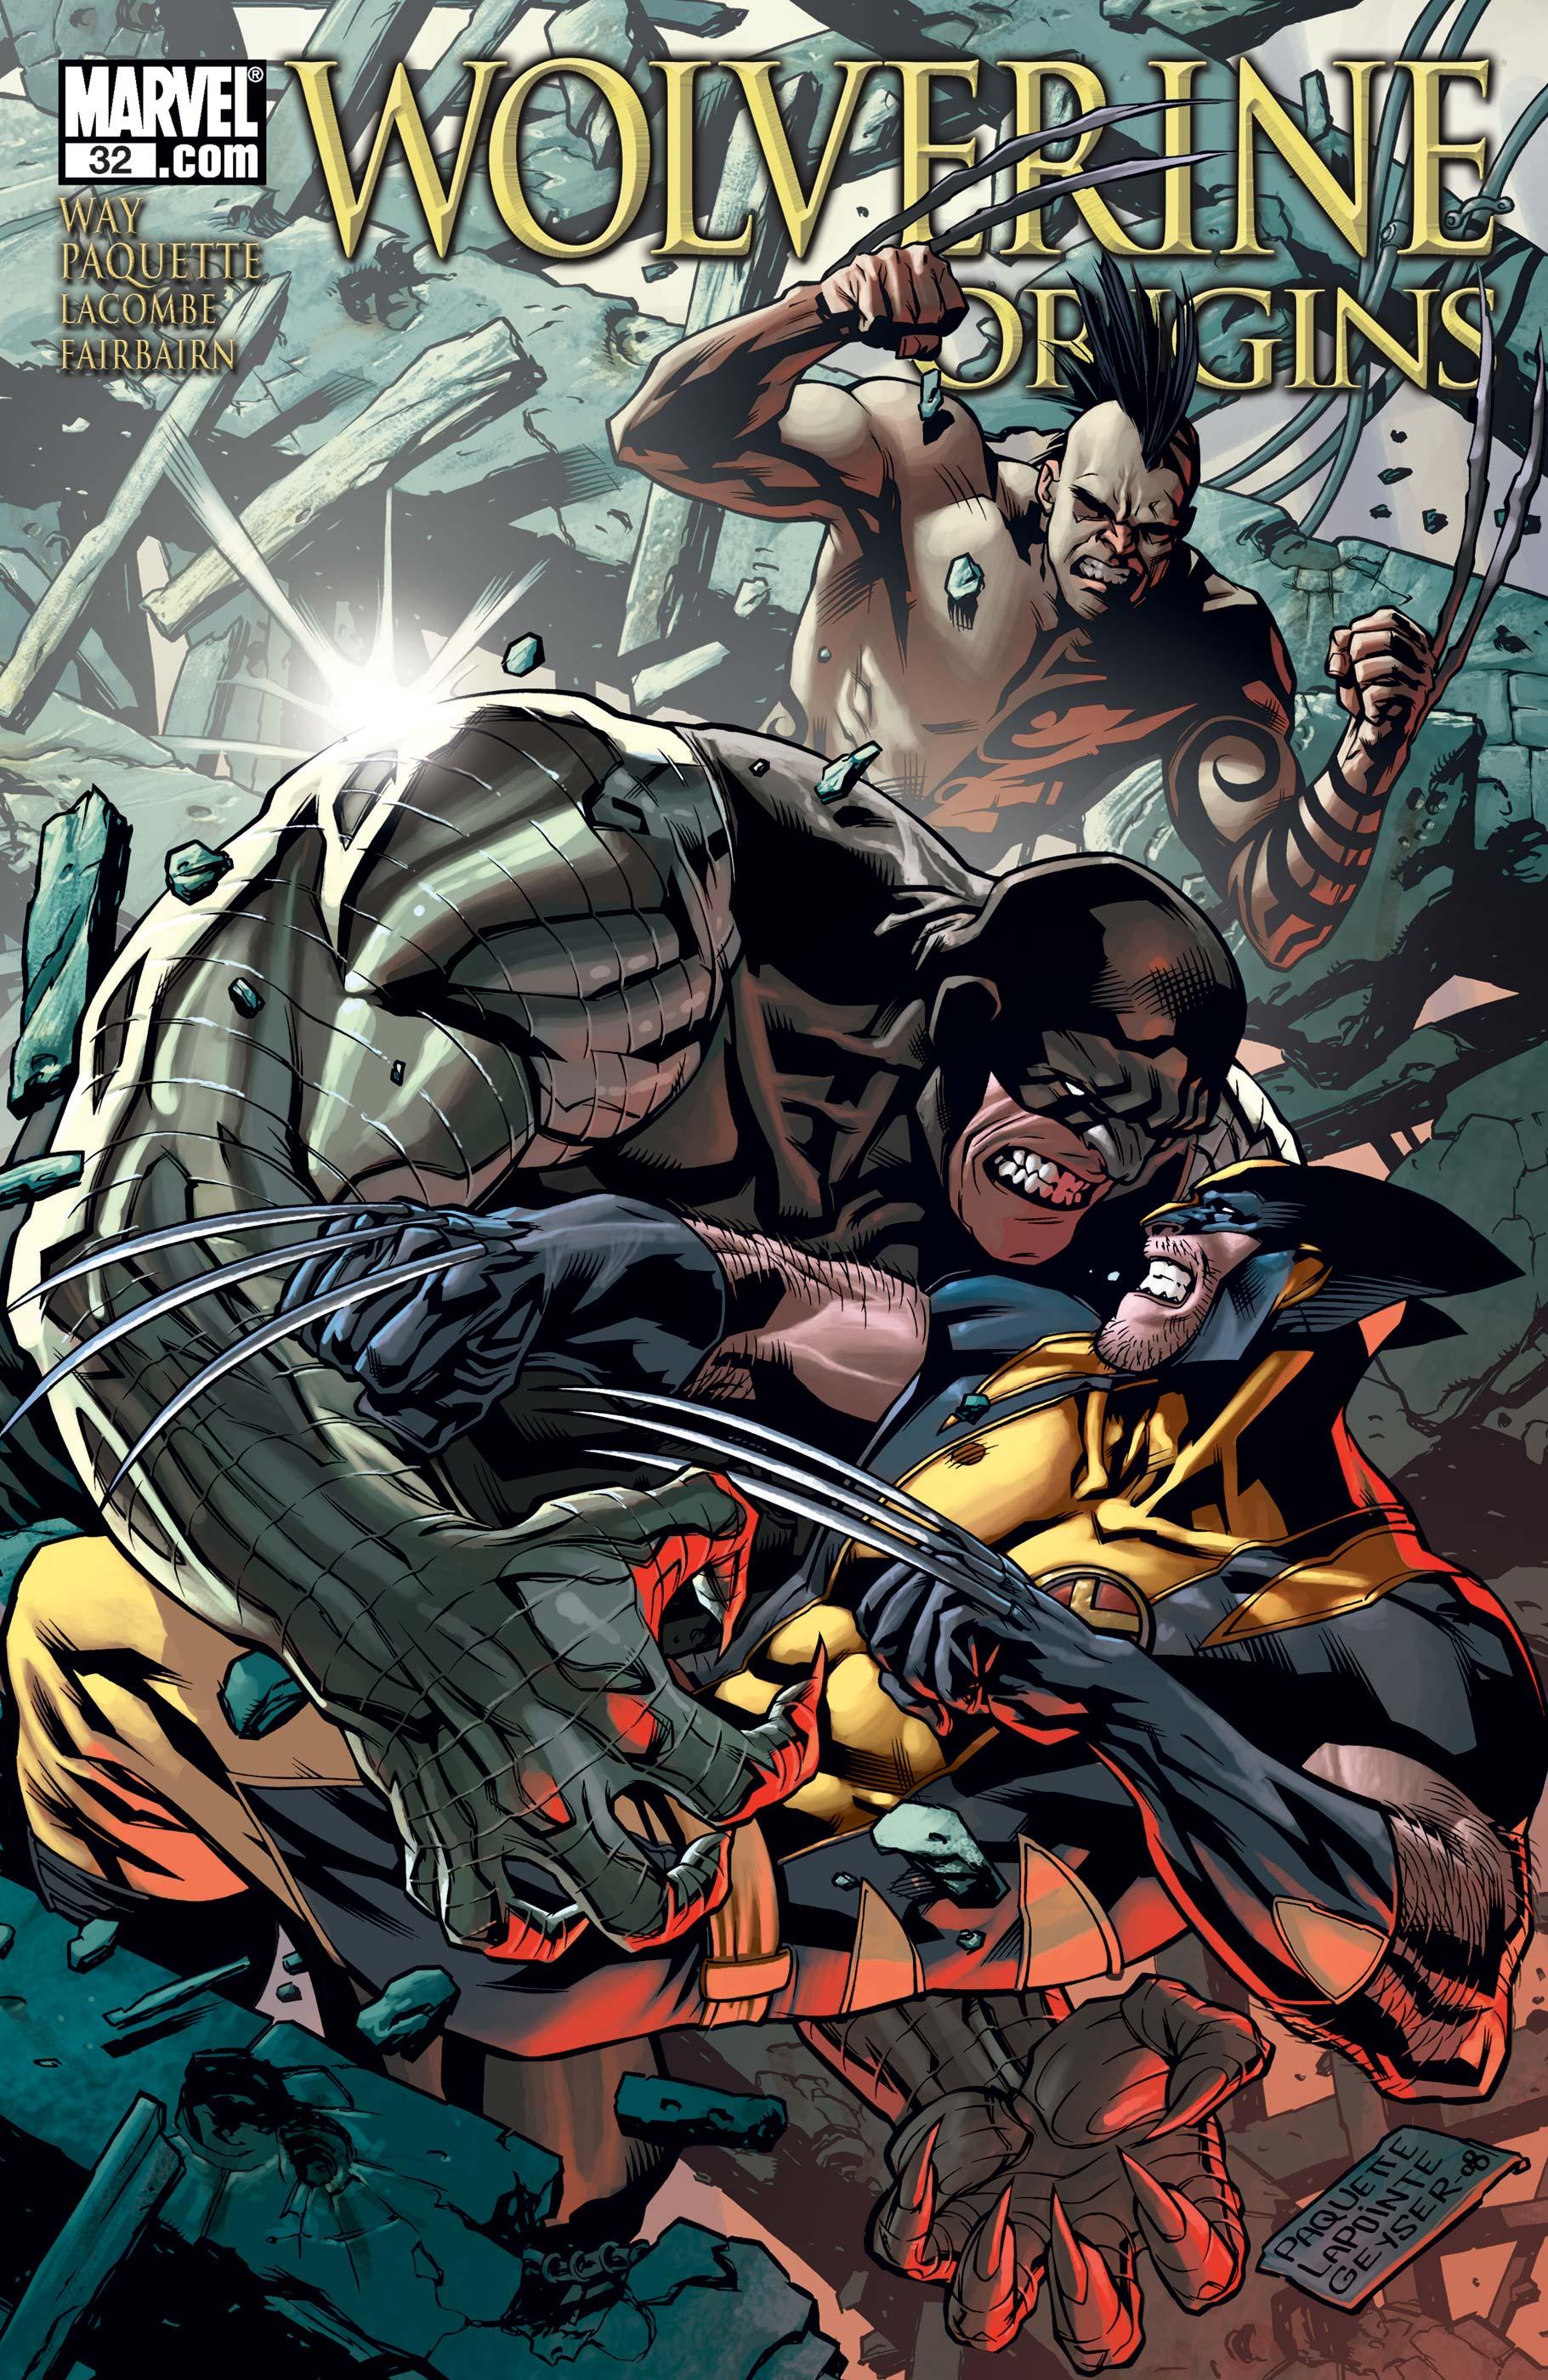 Wolverine Origins (2006) #32